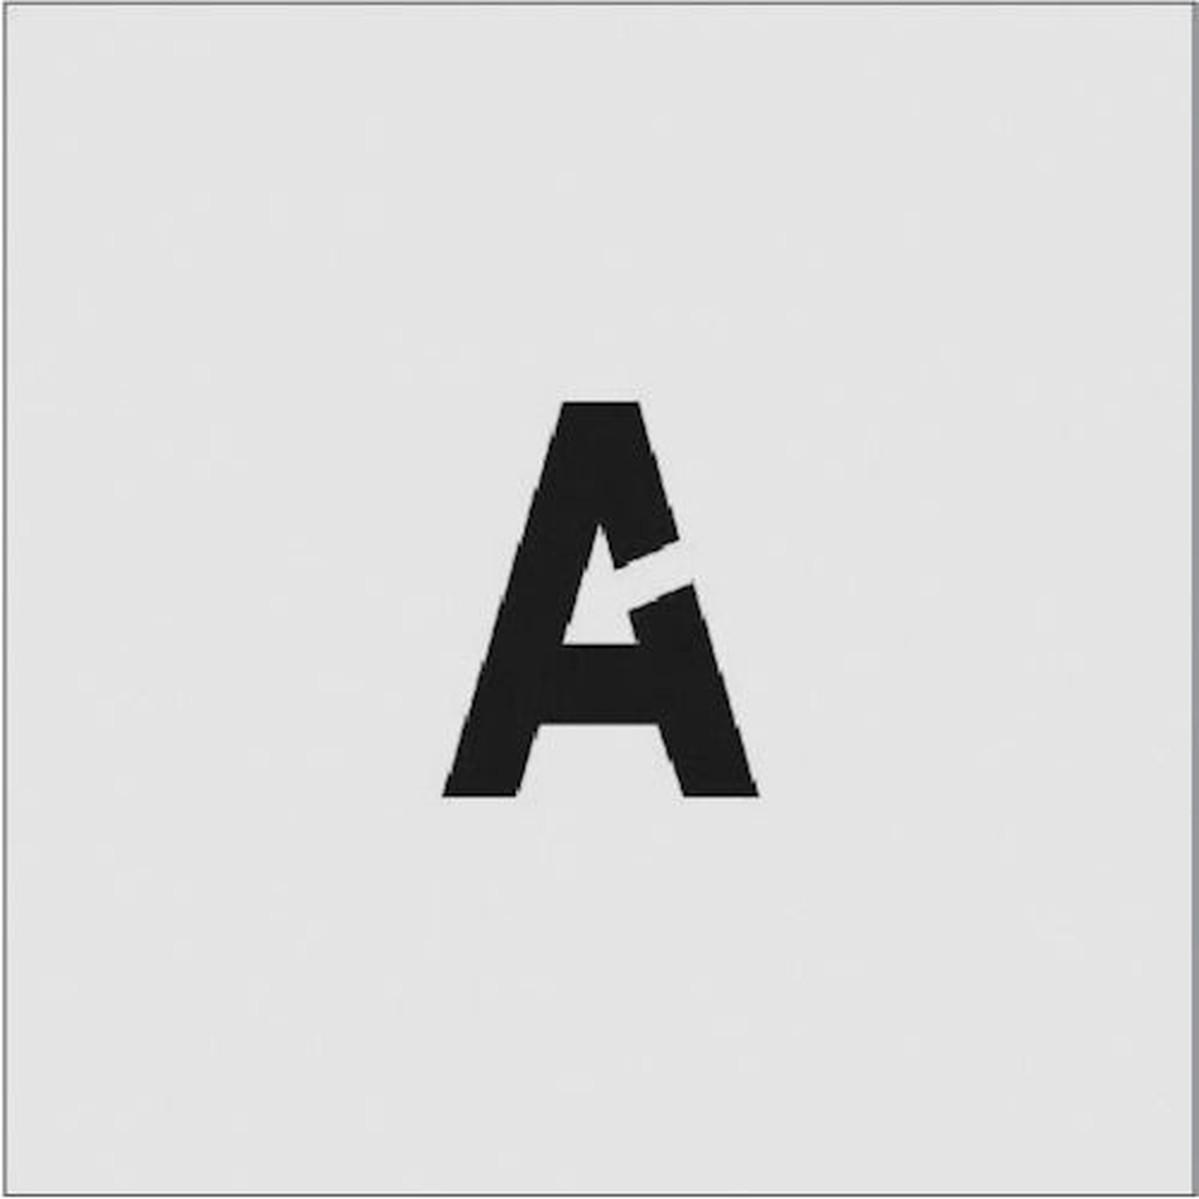 超特価SALE開催 あす楽対応 DIY用品 オリジナル IM ステンシル 文字サイズ50×40mm A 1枚